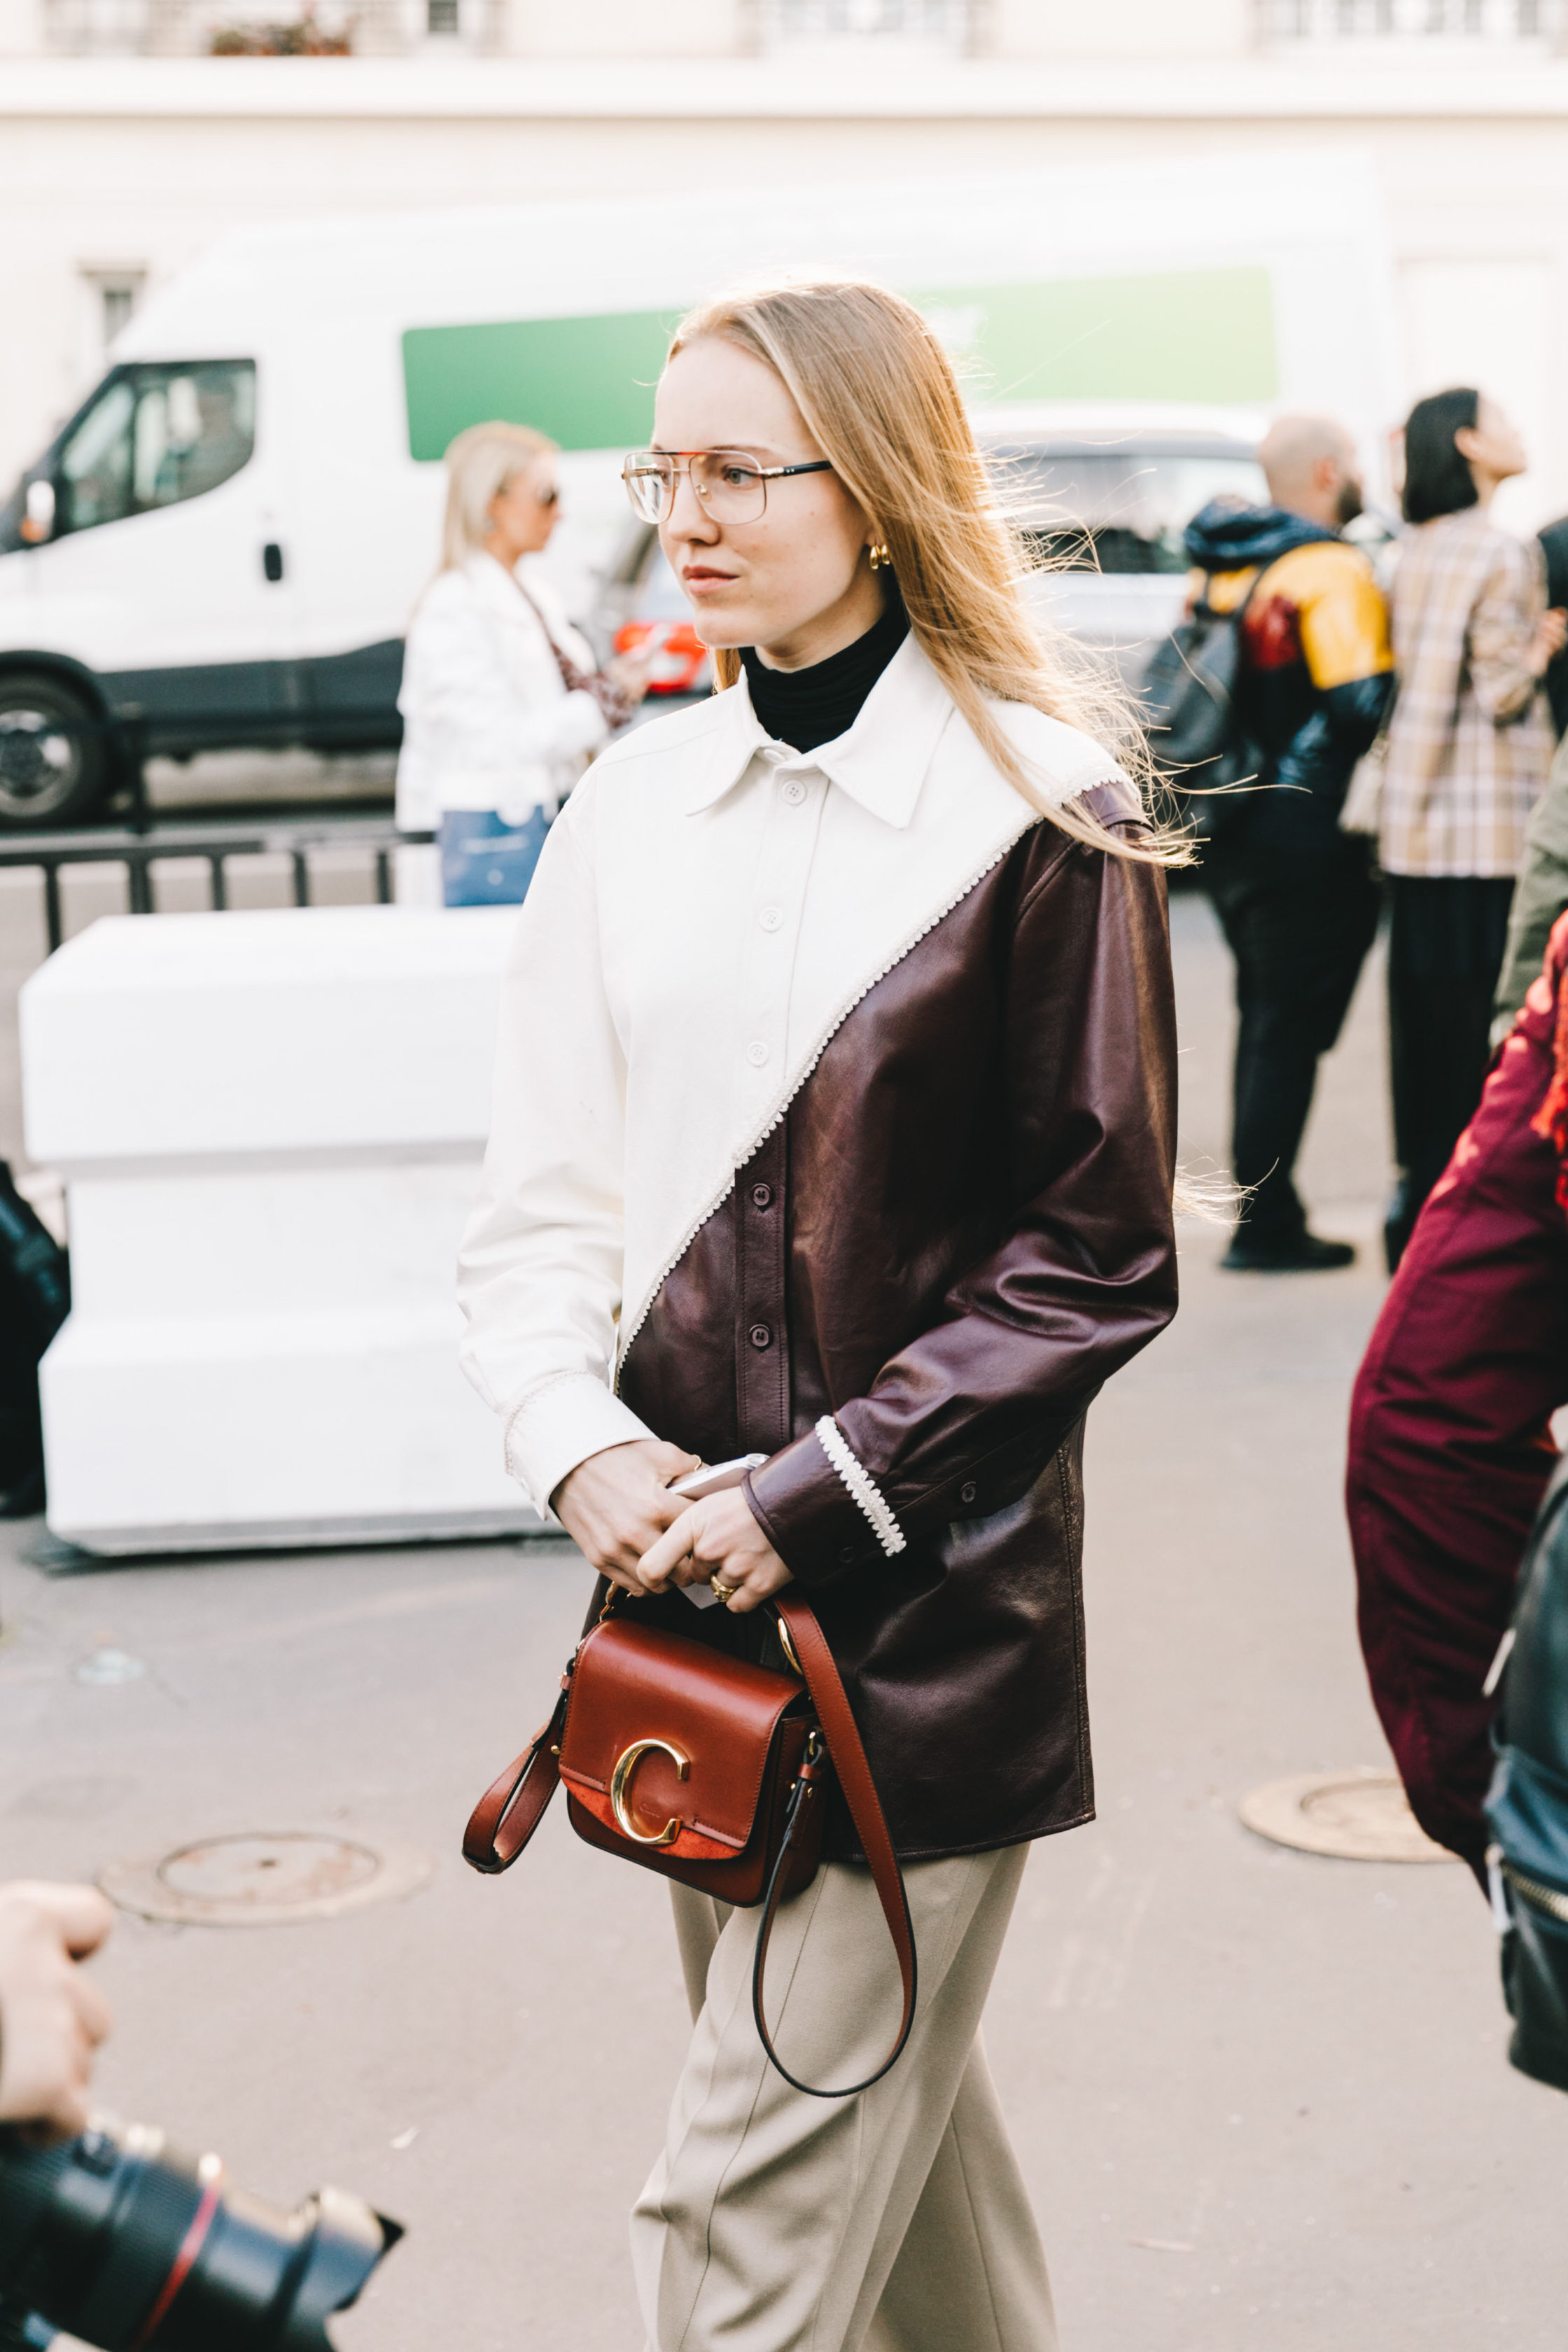 thời trang cung hoàng đạo cự giải túi xách chloe c bag tuần lễ thời trang